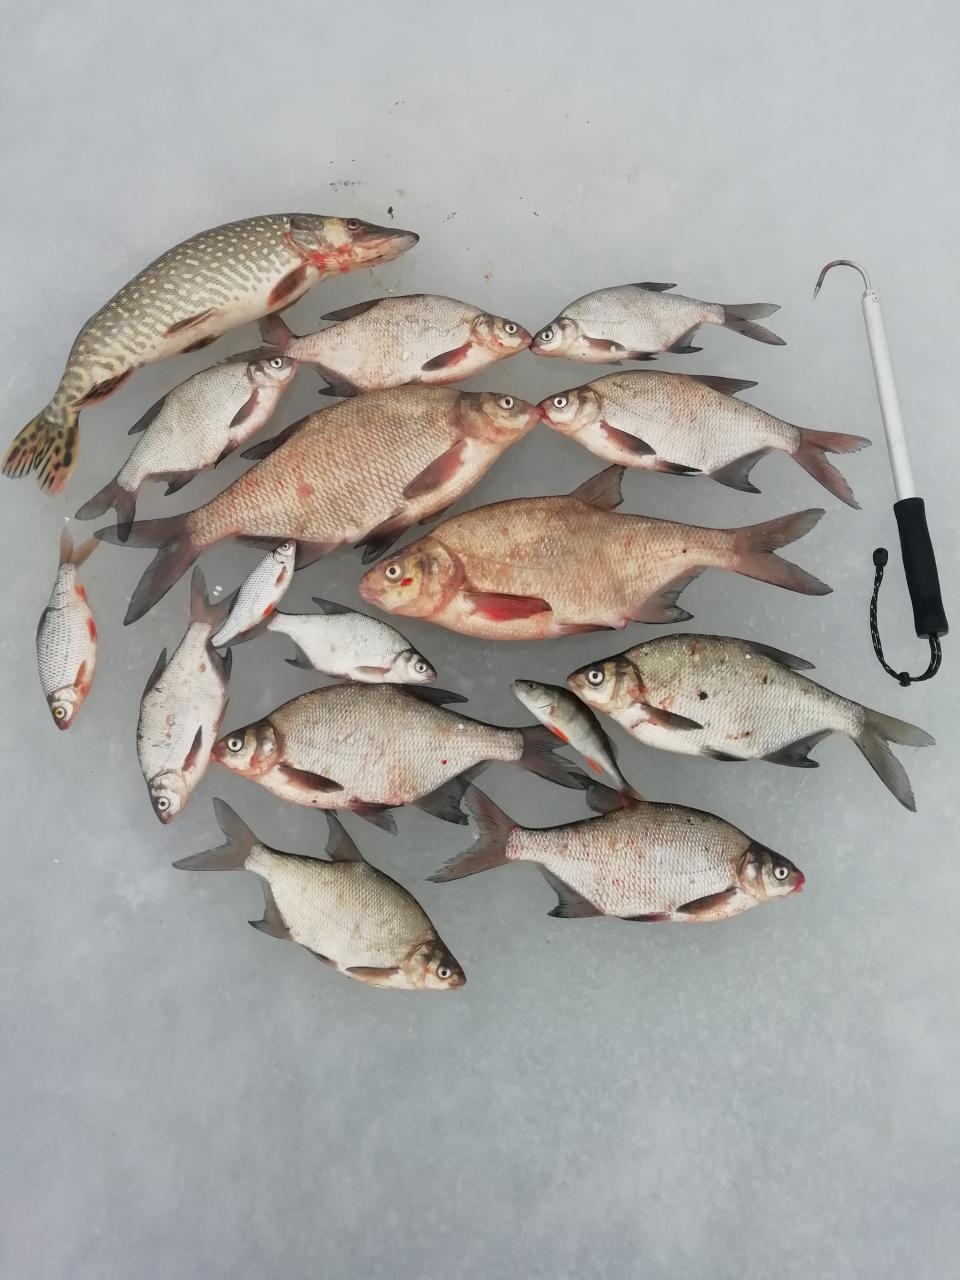 С субботы на воскресенье. Матчицы. Глубина 6,5 метров ... | Отчеты о рыбалке в Беларуси